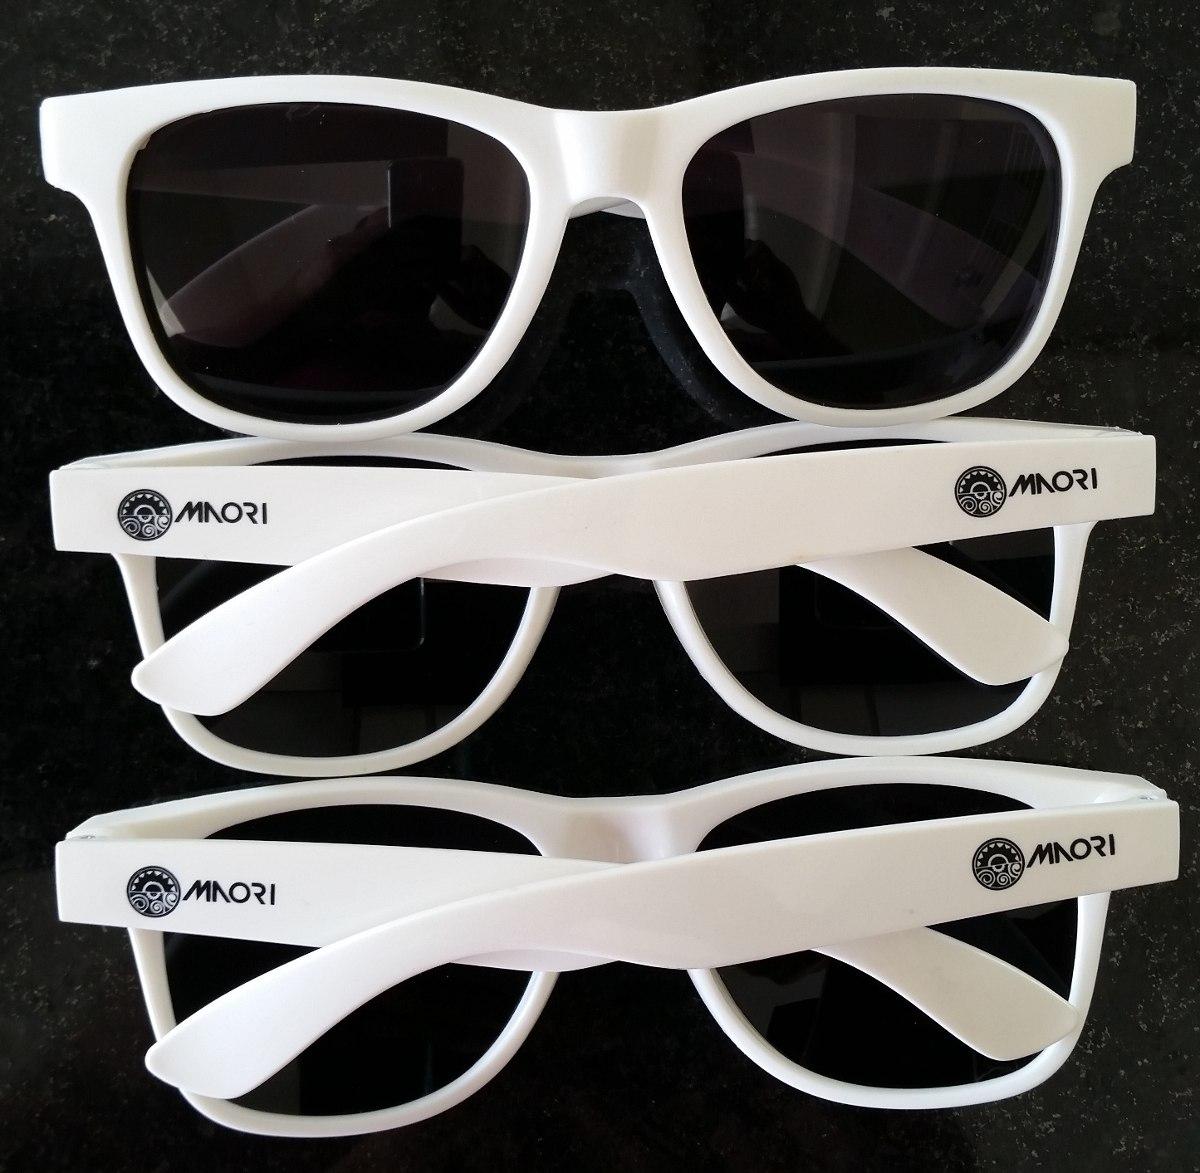 3e5f68e74 Óculos Personalizado Festa - 50 Unidades - R$ 464,90 em Mercado Livre